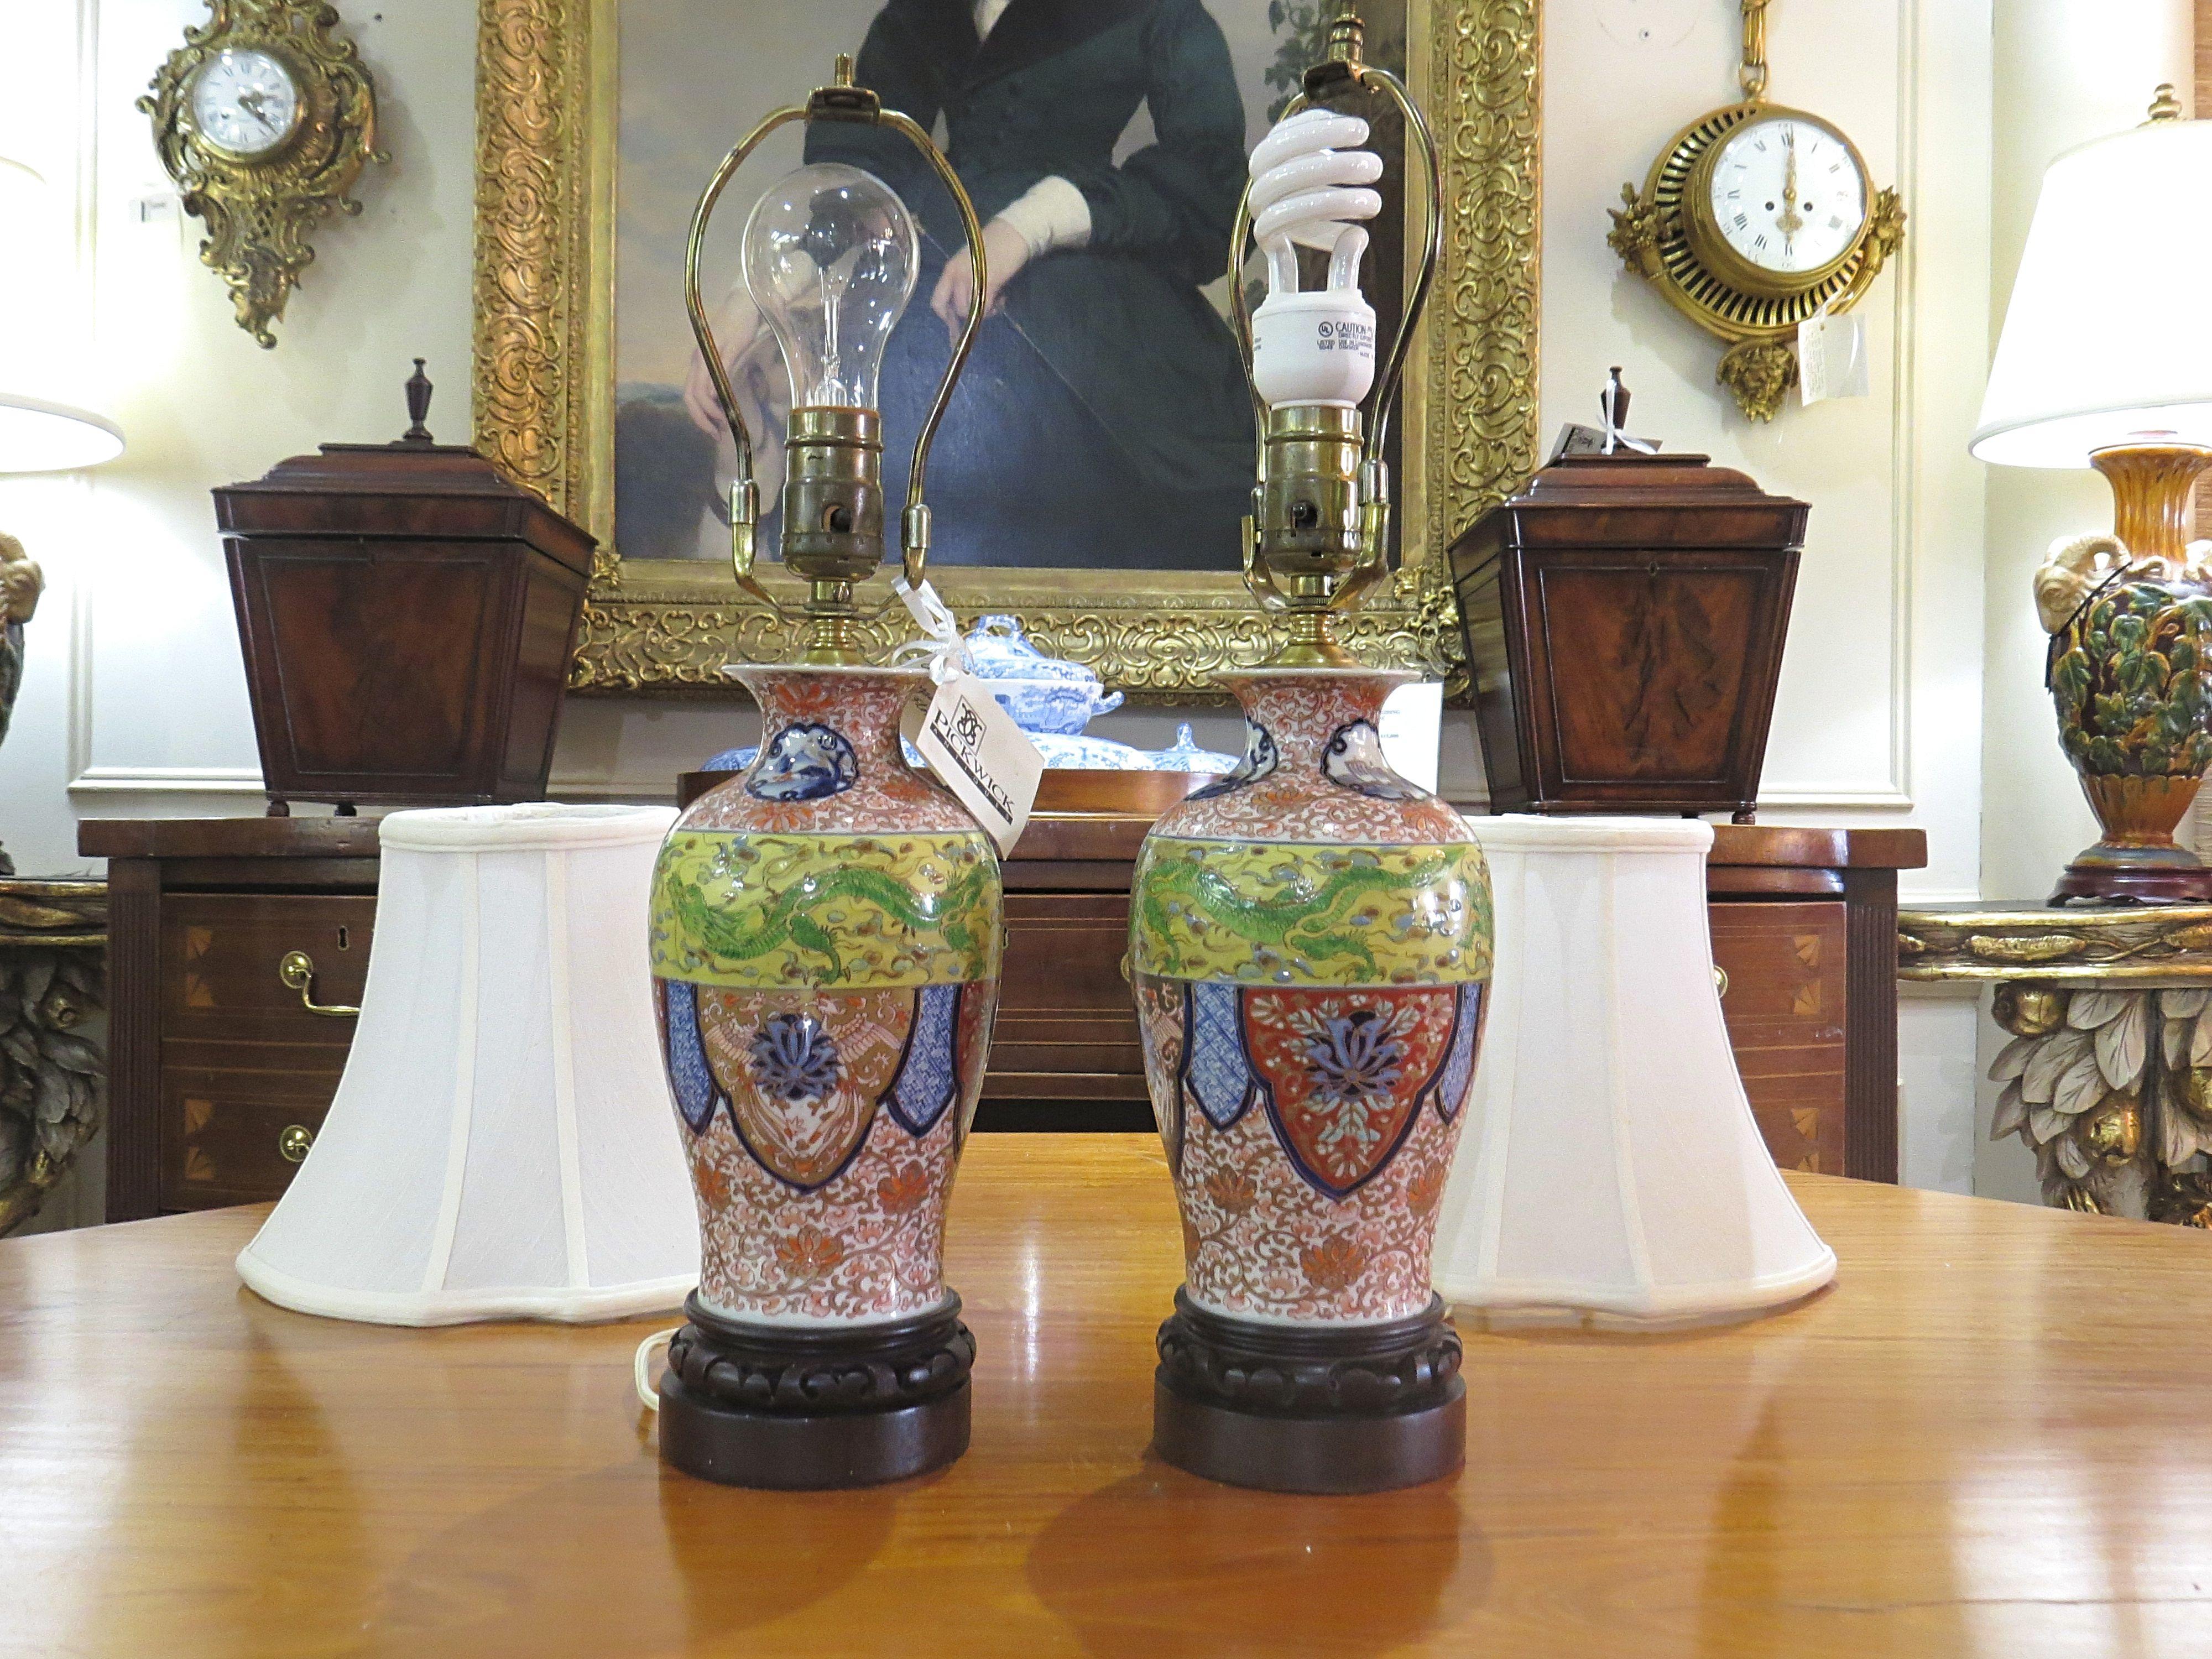 Petite Pair of Asian Inspired Porcelain Lamps